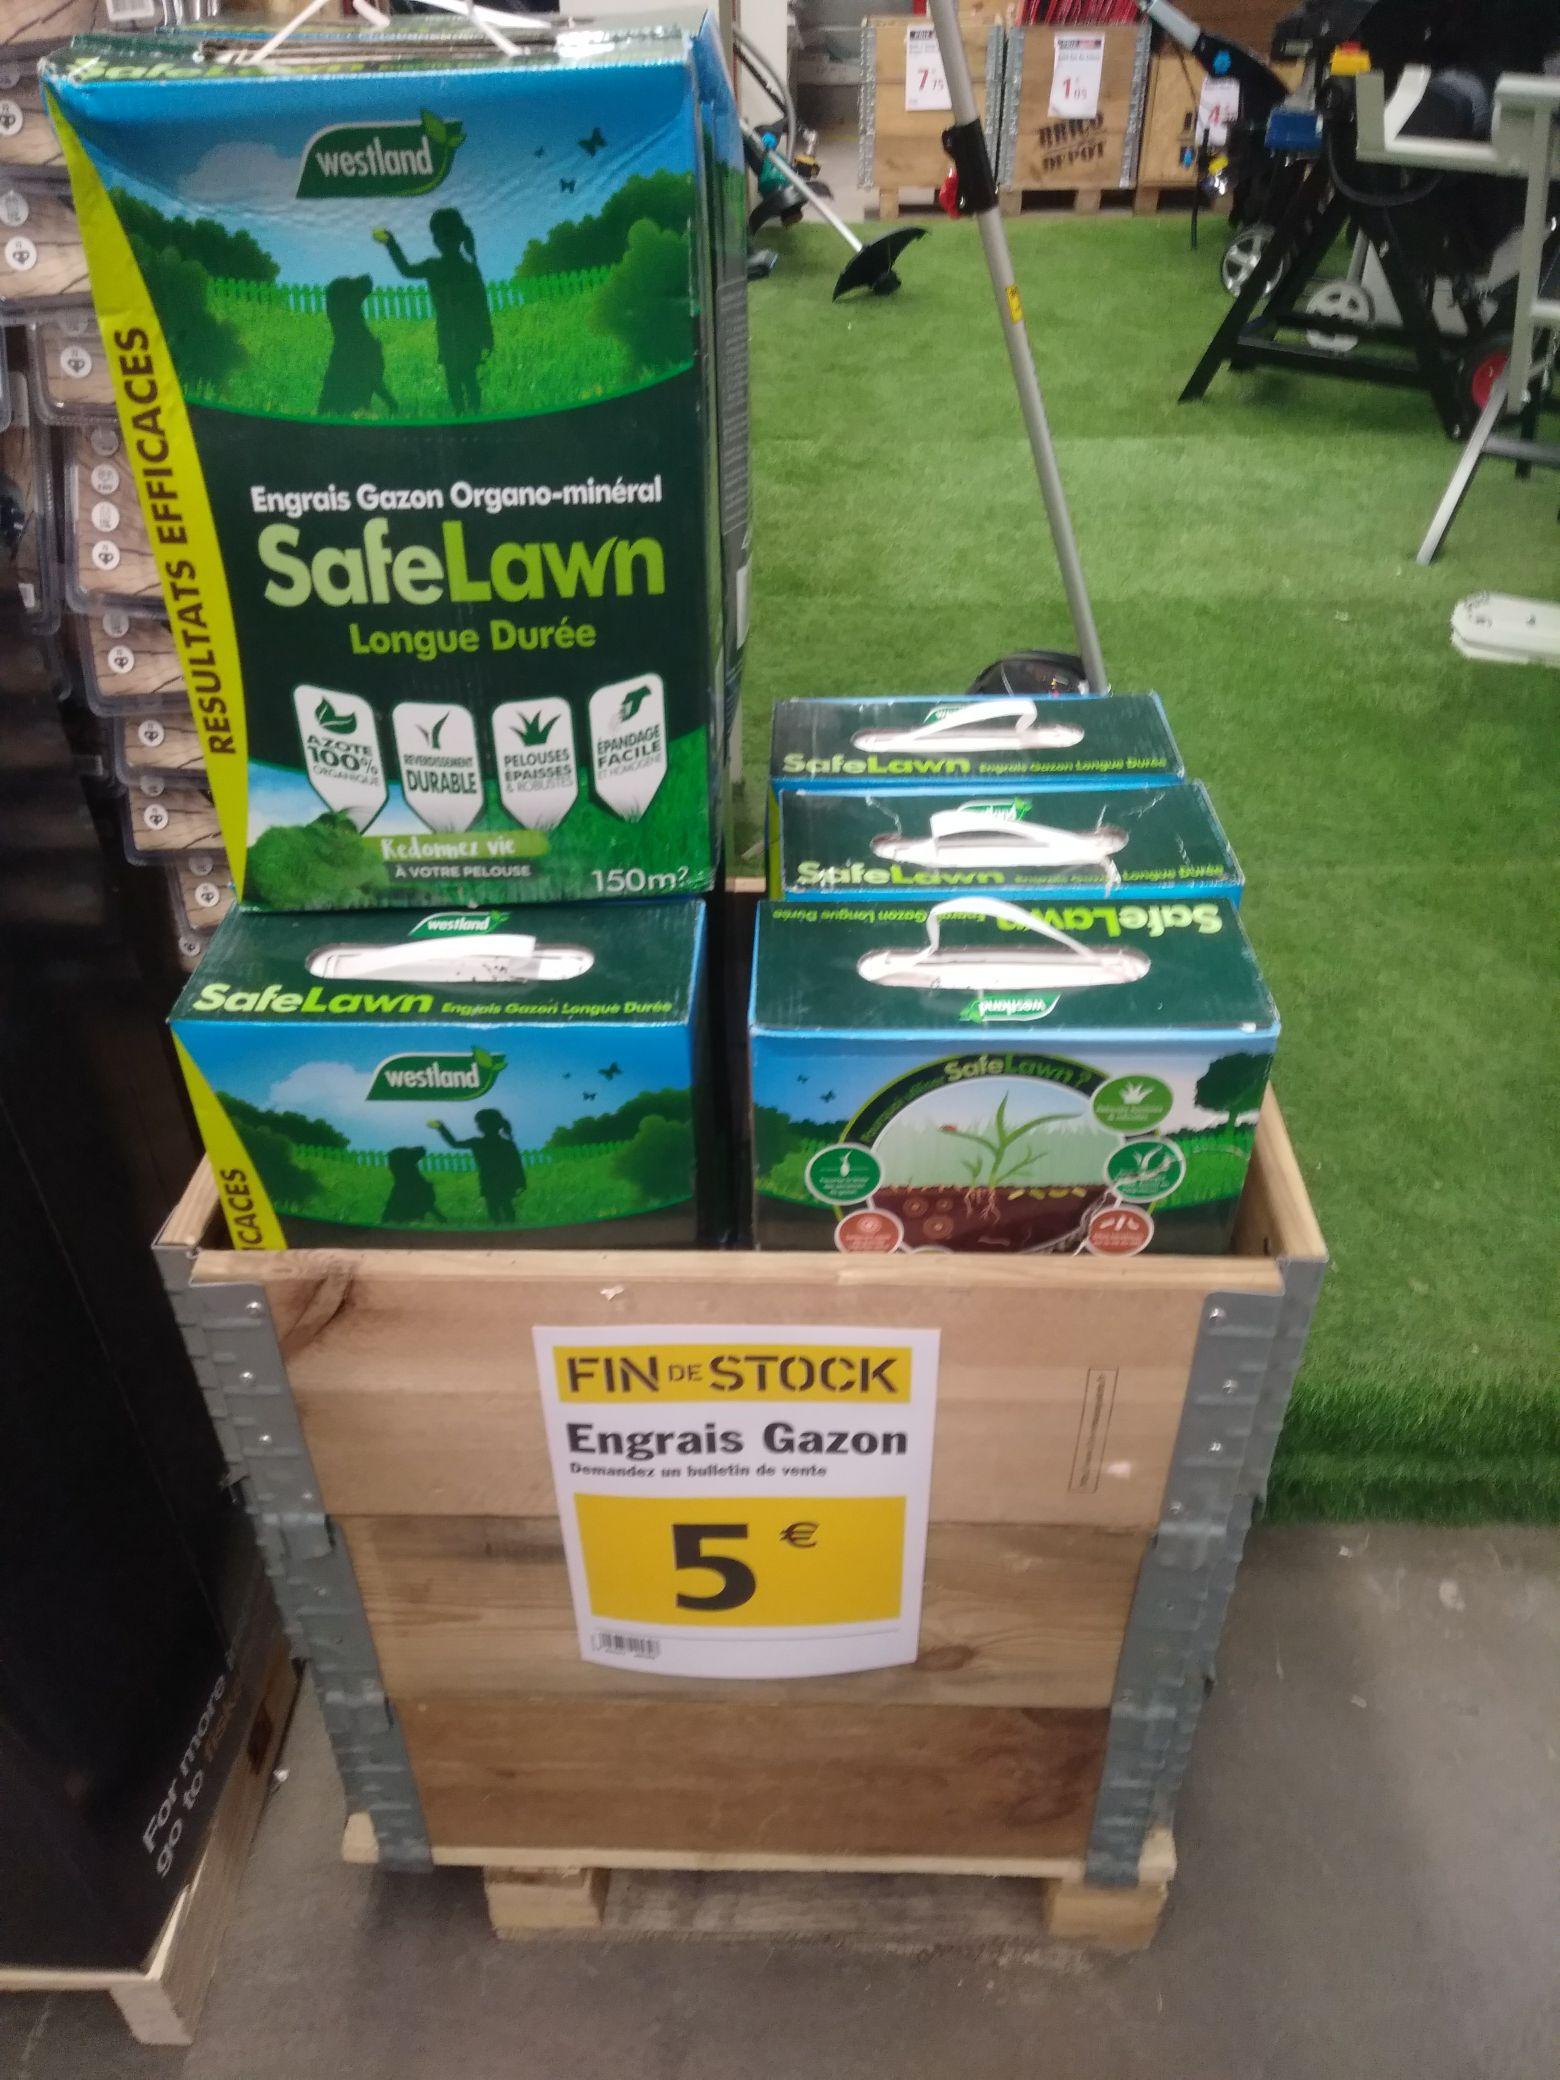 Engrais gazon organique Westland safe lawn (4,5 Kg) - Beauvais (60)